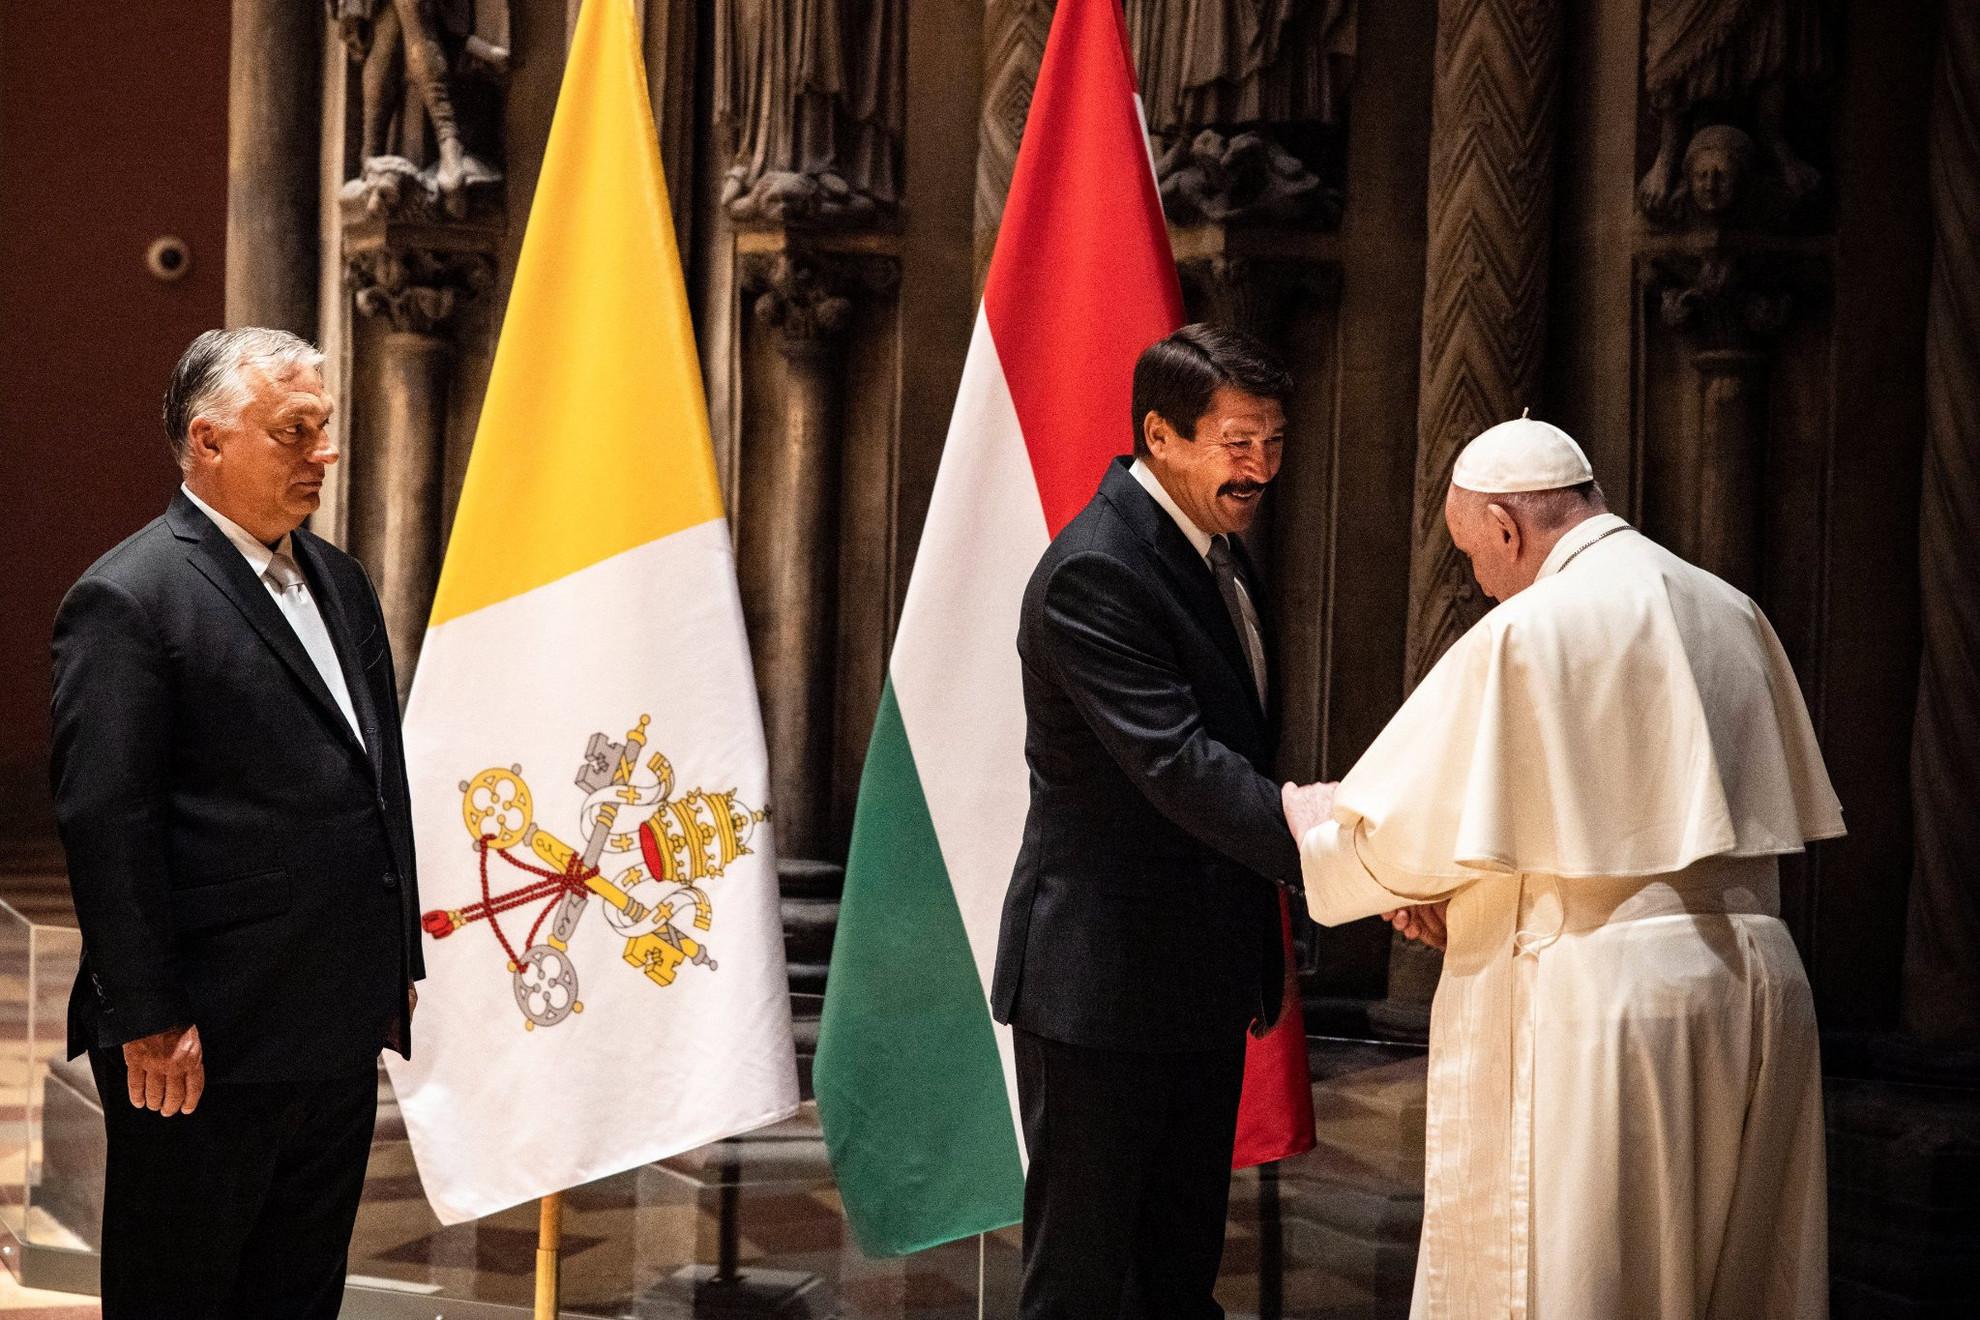 Ferenc pápa találkozója (j) Áder János köztársasági elnökkel (k) és Orbán Viktor miniszterelnökkel (b) az 52. Nemzetközi Eucharisztikus Kongresszus (NEK) zárómiséje előtt a Szépművészeti Múzeumban 2021. szeptember 12-én